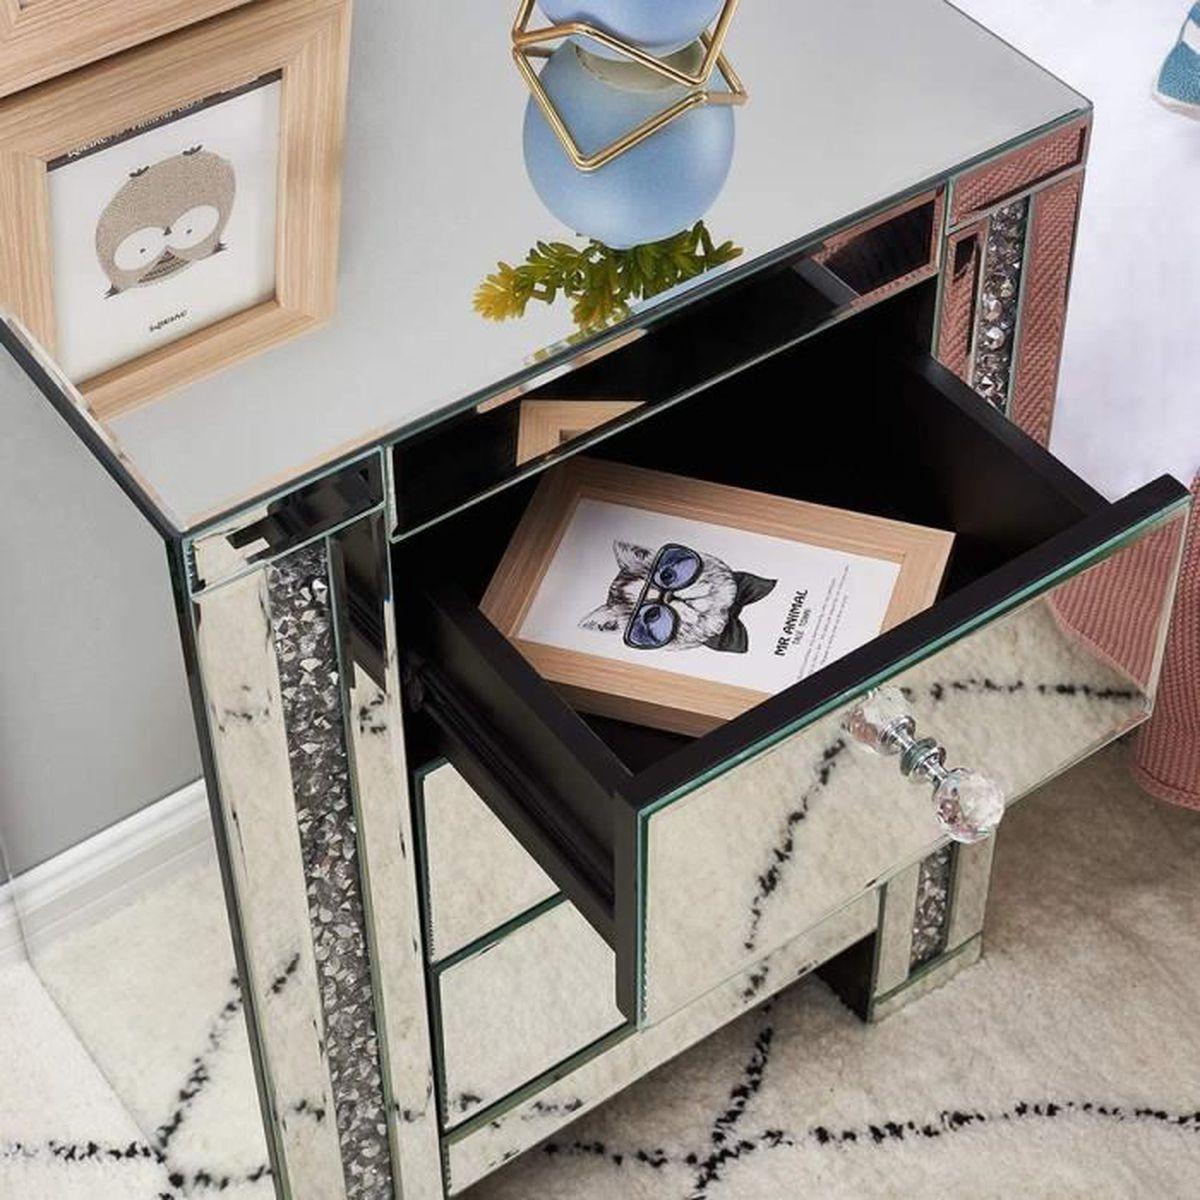 Table De Chevet Miroir Pas Cher table de chevet miroir en verre meuble de rangement avec 3 tiroirs sur  salon, chambre, bureau, 44 x 32 x 60 cm